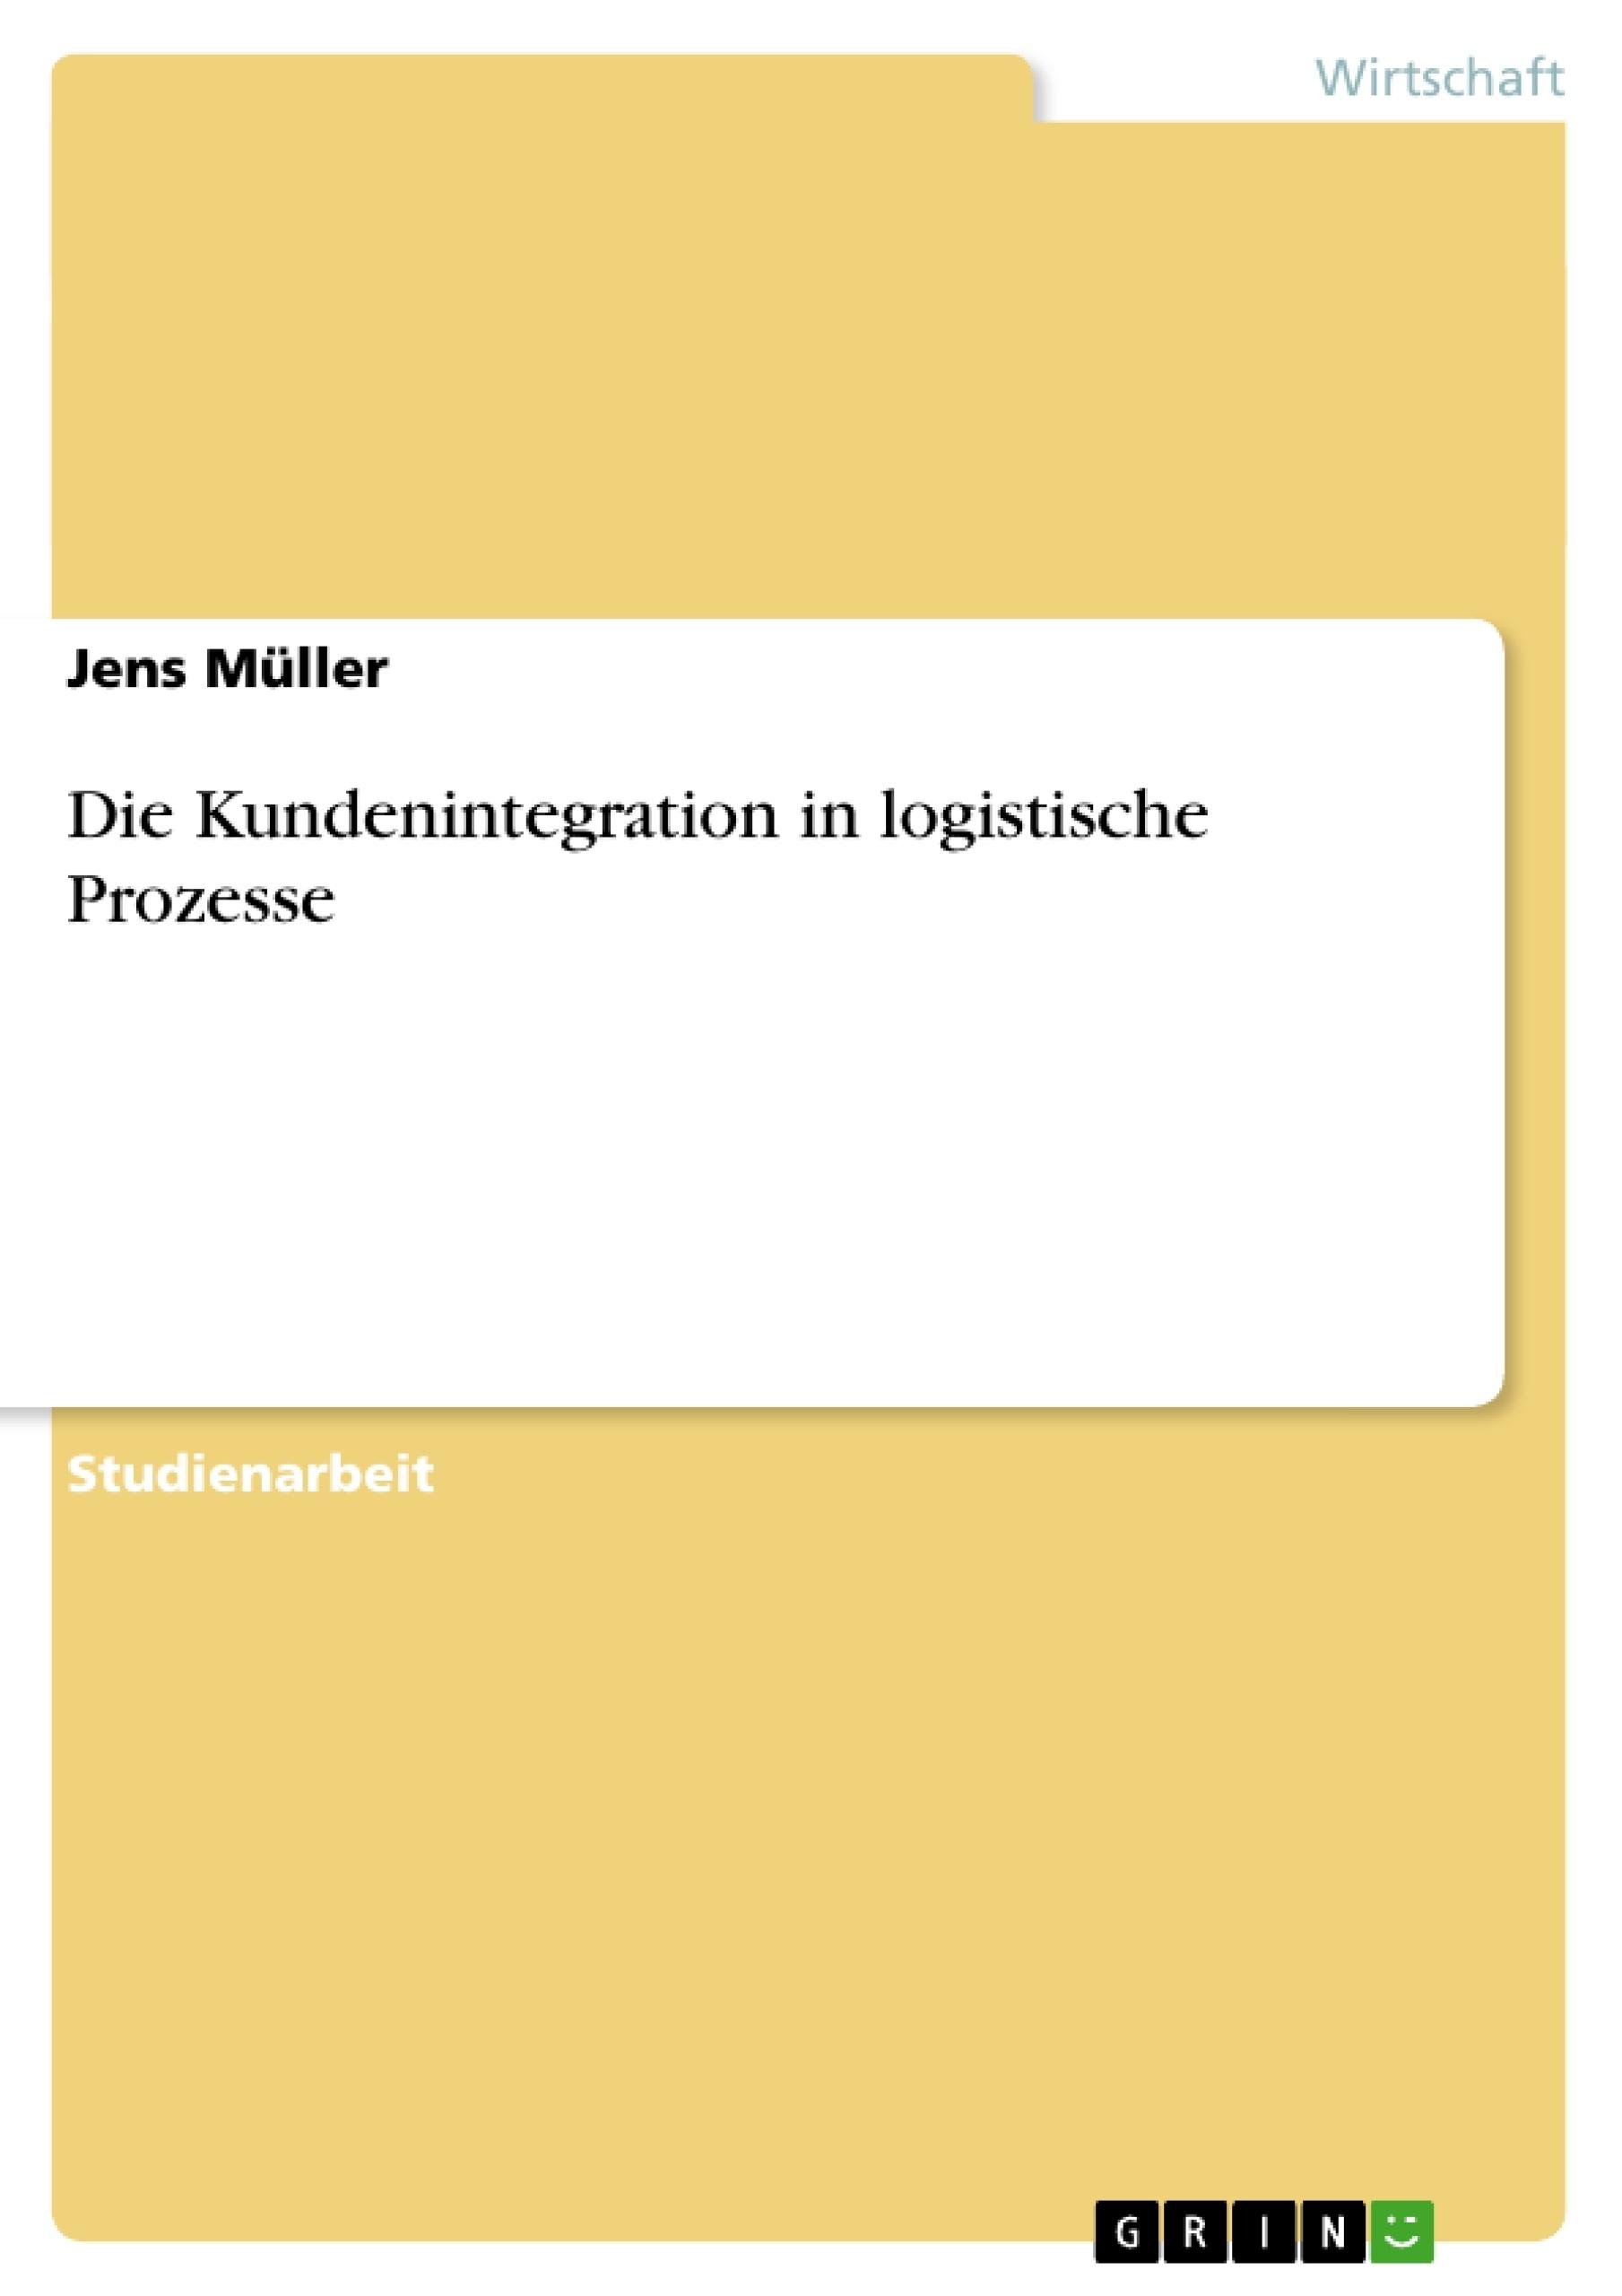 Titel: Die Kundenintegration in logistische Prozesse